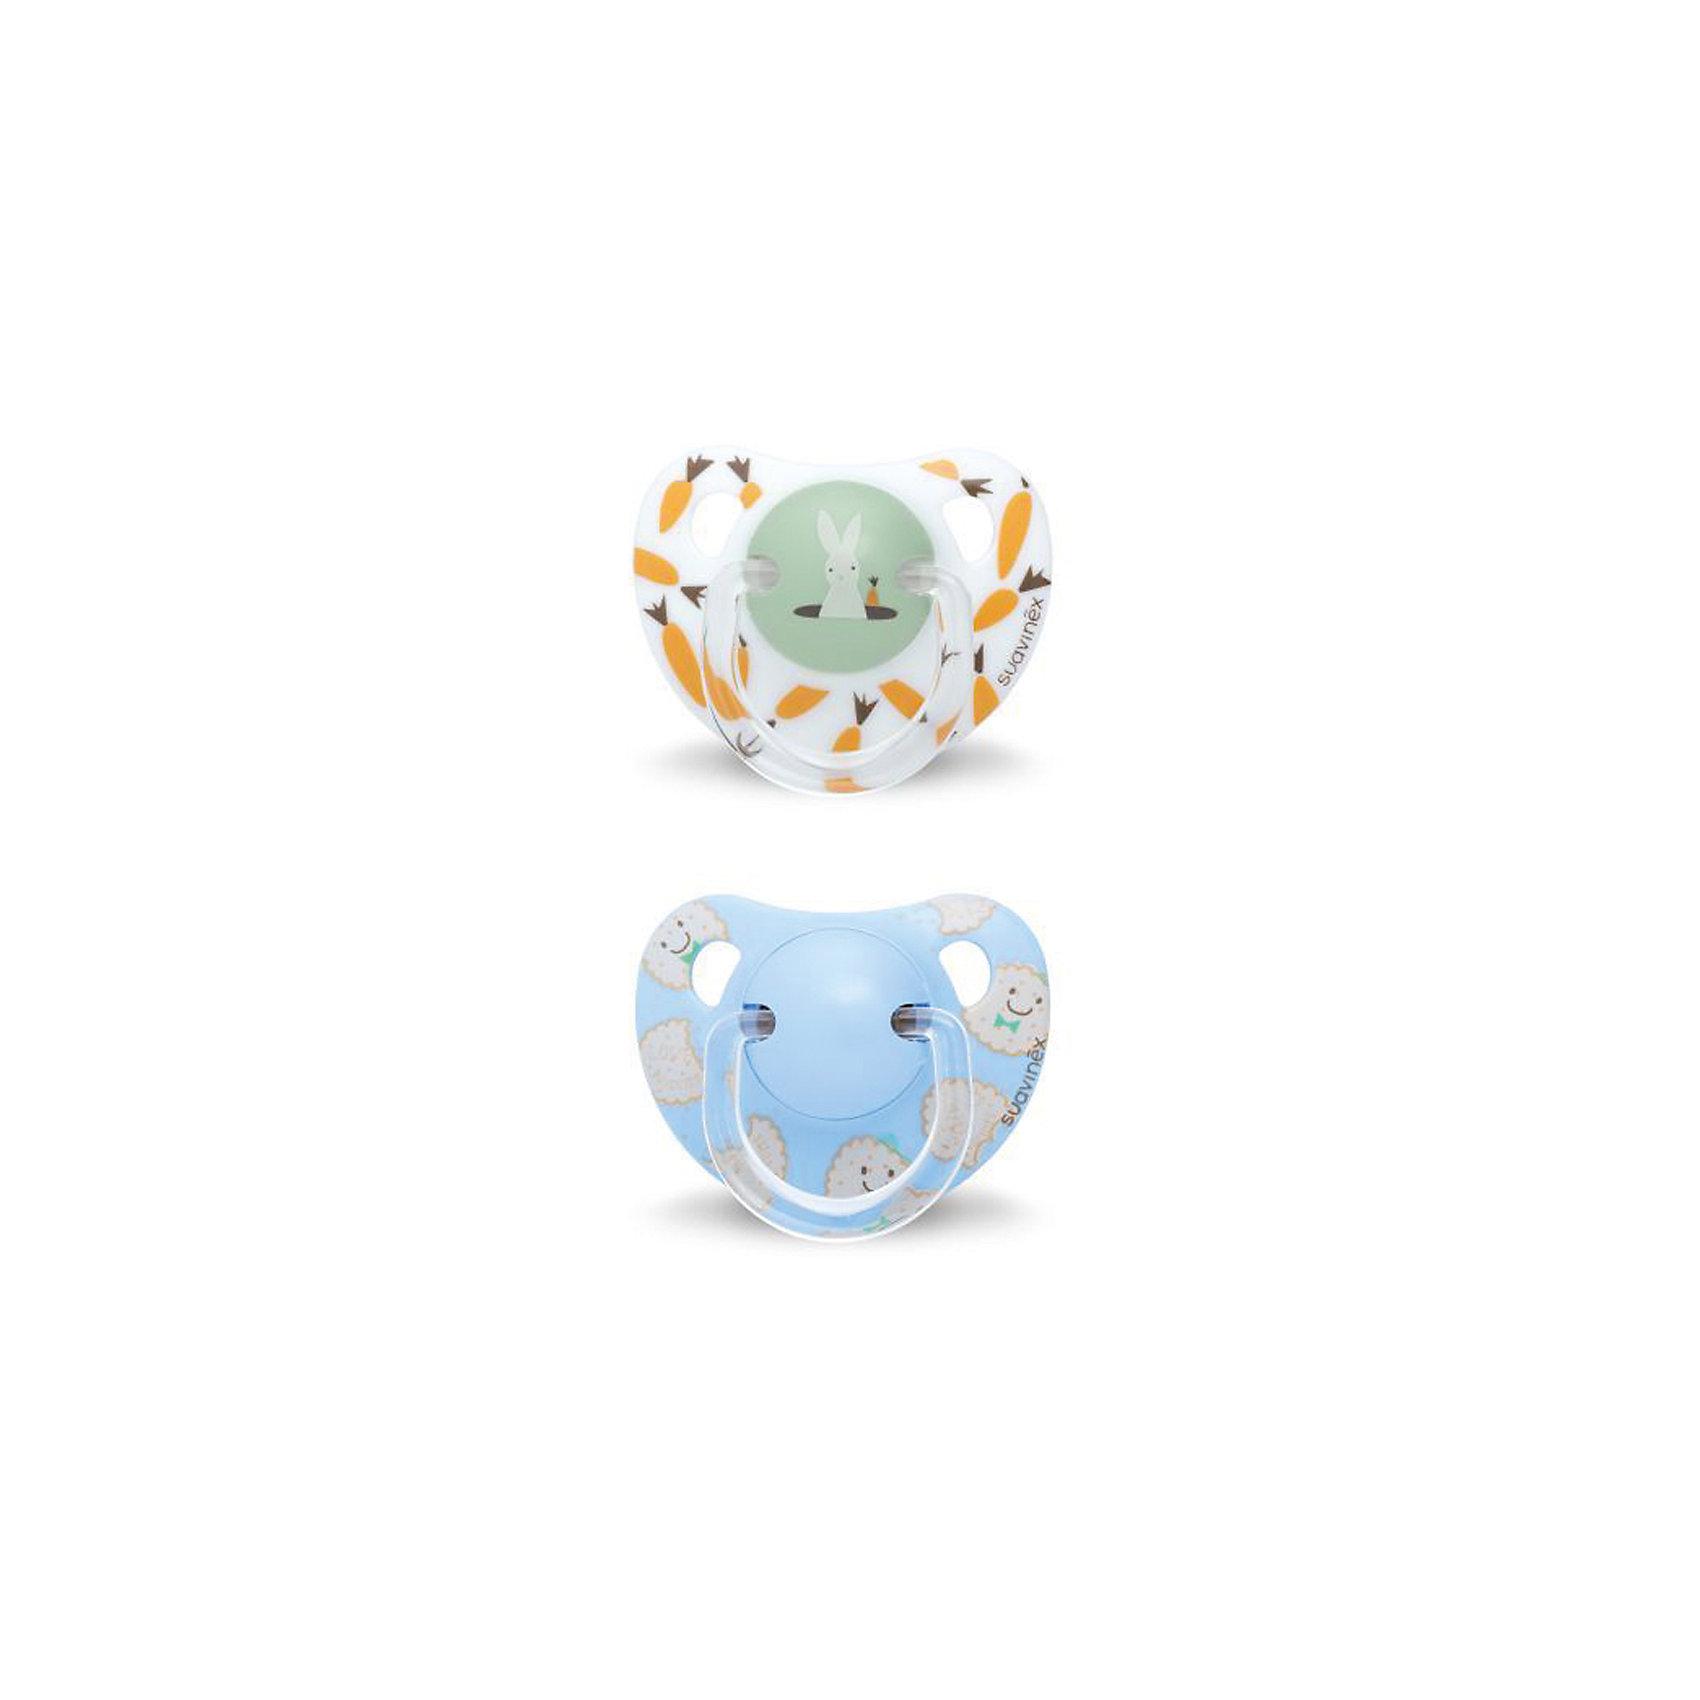 Набор пустышек от 12 мес. ,2 шт, сликон, Suavinex, оранжевый кролик/синий печеньеПустышки и аксессуары<br>Характеристики:<br><br>• Наименование: пустышка<br>• Рекомендуемый возраст: от 12 месяцев<br>• Пол: универсальный<br>• Материал: силикон, пластик<br>• Цвет: белый, зеленый, оранжевый, синий, бежевый<br>• Рисунок: кролик, печенье<br>• Форма: анатомическая<br>• Комплектация: 2 пустышки с разными рисунками<br>• Наличие вентиляционных отверстий <br>• Кольцо для держателя<br>• Вес: 40 г<br>• Параметры (Д*Ш*В): 5,4*6,5*14,1 см <br>• Особенности ухода: можно мыть в теплой воде, регулярная стерилизация <br><br>Набор пустышек от 12 мес. , 2 шт, сликон, Suavinex, оранжевый кролик/синий печенье изготовлен испанским торговым брендом, специализирующимся на выпуске товаров для кормления и аксессуаров новорожденным и младенцам. Продукция от Suavinex разработана с учетом рекомендаций педиатров и стоматологов, что гарантирует качество и безопасность использованных материалов. <br><br>Пластик, из которого изготовлены изделия, устойчив к появлению царапин и сколов, благодаря чему пустышки длительное время сохраняют свои гигиенические свойства. Форма у сосок способствует равномерному распределению давления на небо, что обеспечивает правильное формирование речевого аппарата. <br><br>Пустышки имеют классическую форму, для прикрепления держателя предусмотрено кольцо. Изделия выполнены в брендовом дизайне. Рисунки нанесены по инновационной технологии, которая обеспечивает стойкость рисунка даже при длительном использовании и частой стерилизации.<br><br>Набор пустышек от 12 мес. , 2 шт, сликон, Suavinex, оранжевый кролик/синий печенье можно купить в нашем интернет-магазине.<br><br>Ширина мм: 54<br>Глубина мм: 65<br>Высота мм: 141<br>Вес г: 40<br>Возраст от месяцев: 12<br>Возраст до месяцев: 24<br>Пол: Унисекс<br>Возраст: Детский<br>SKU: 5451352